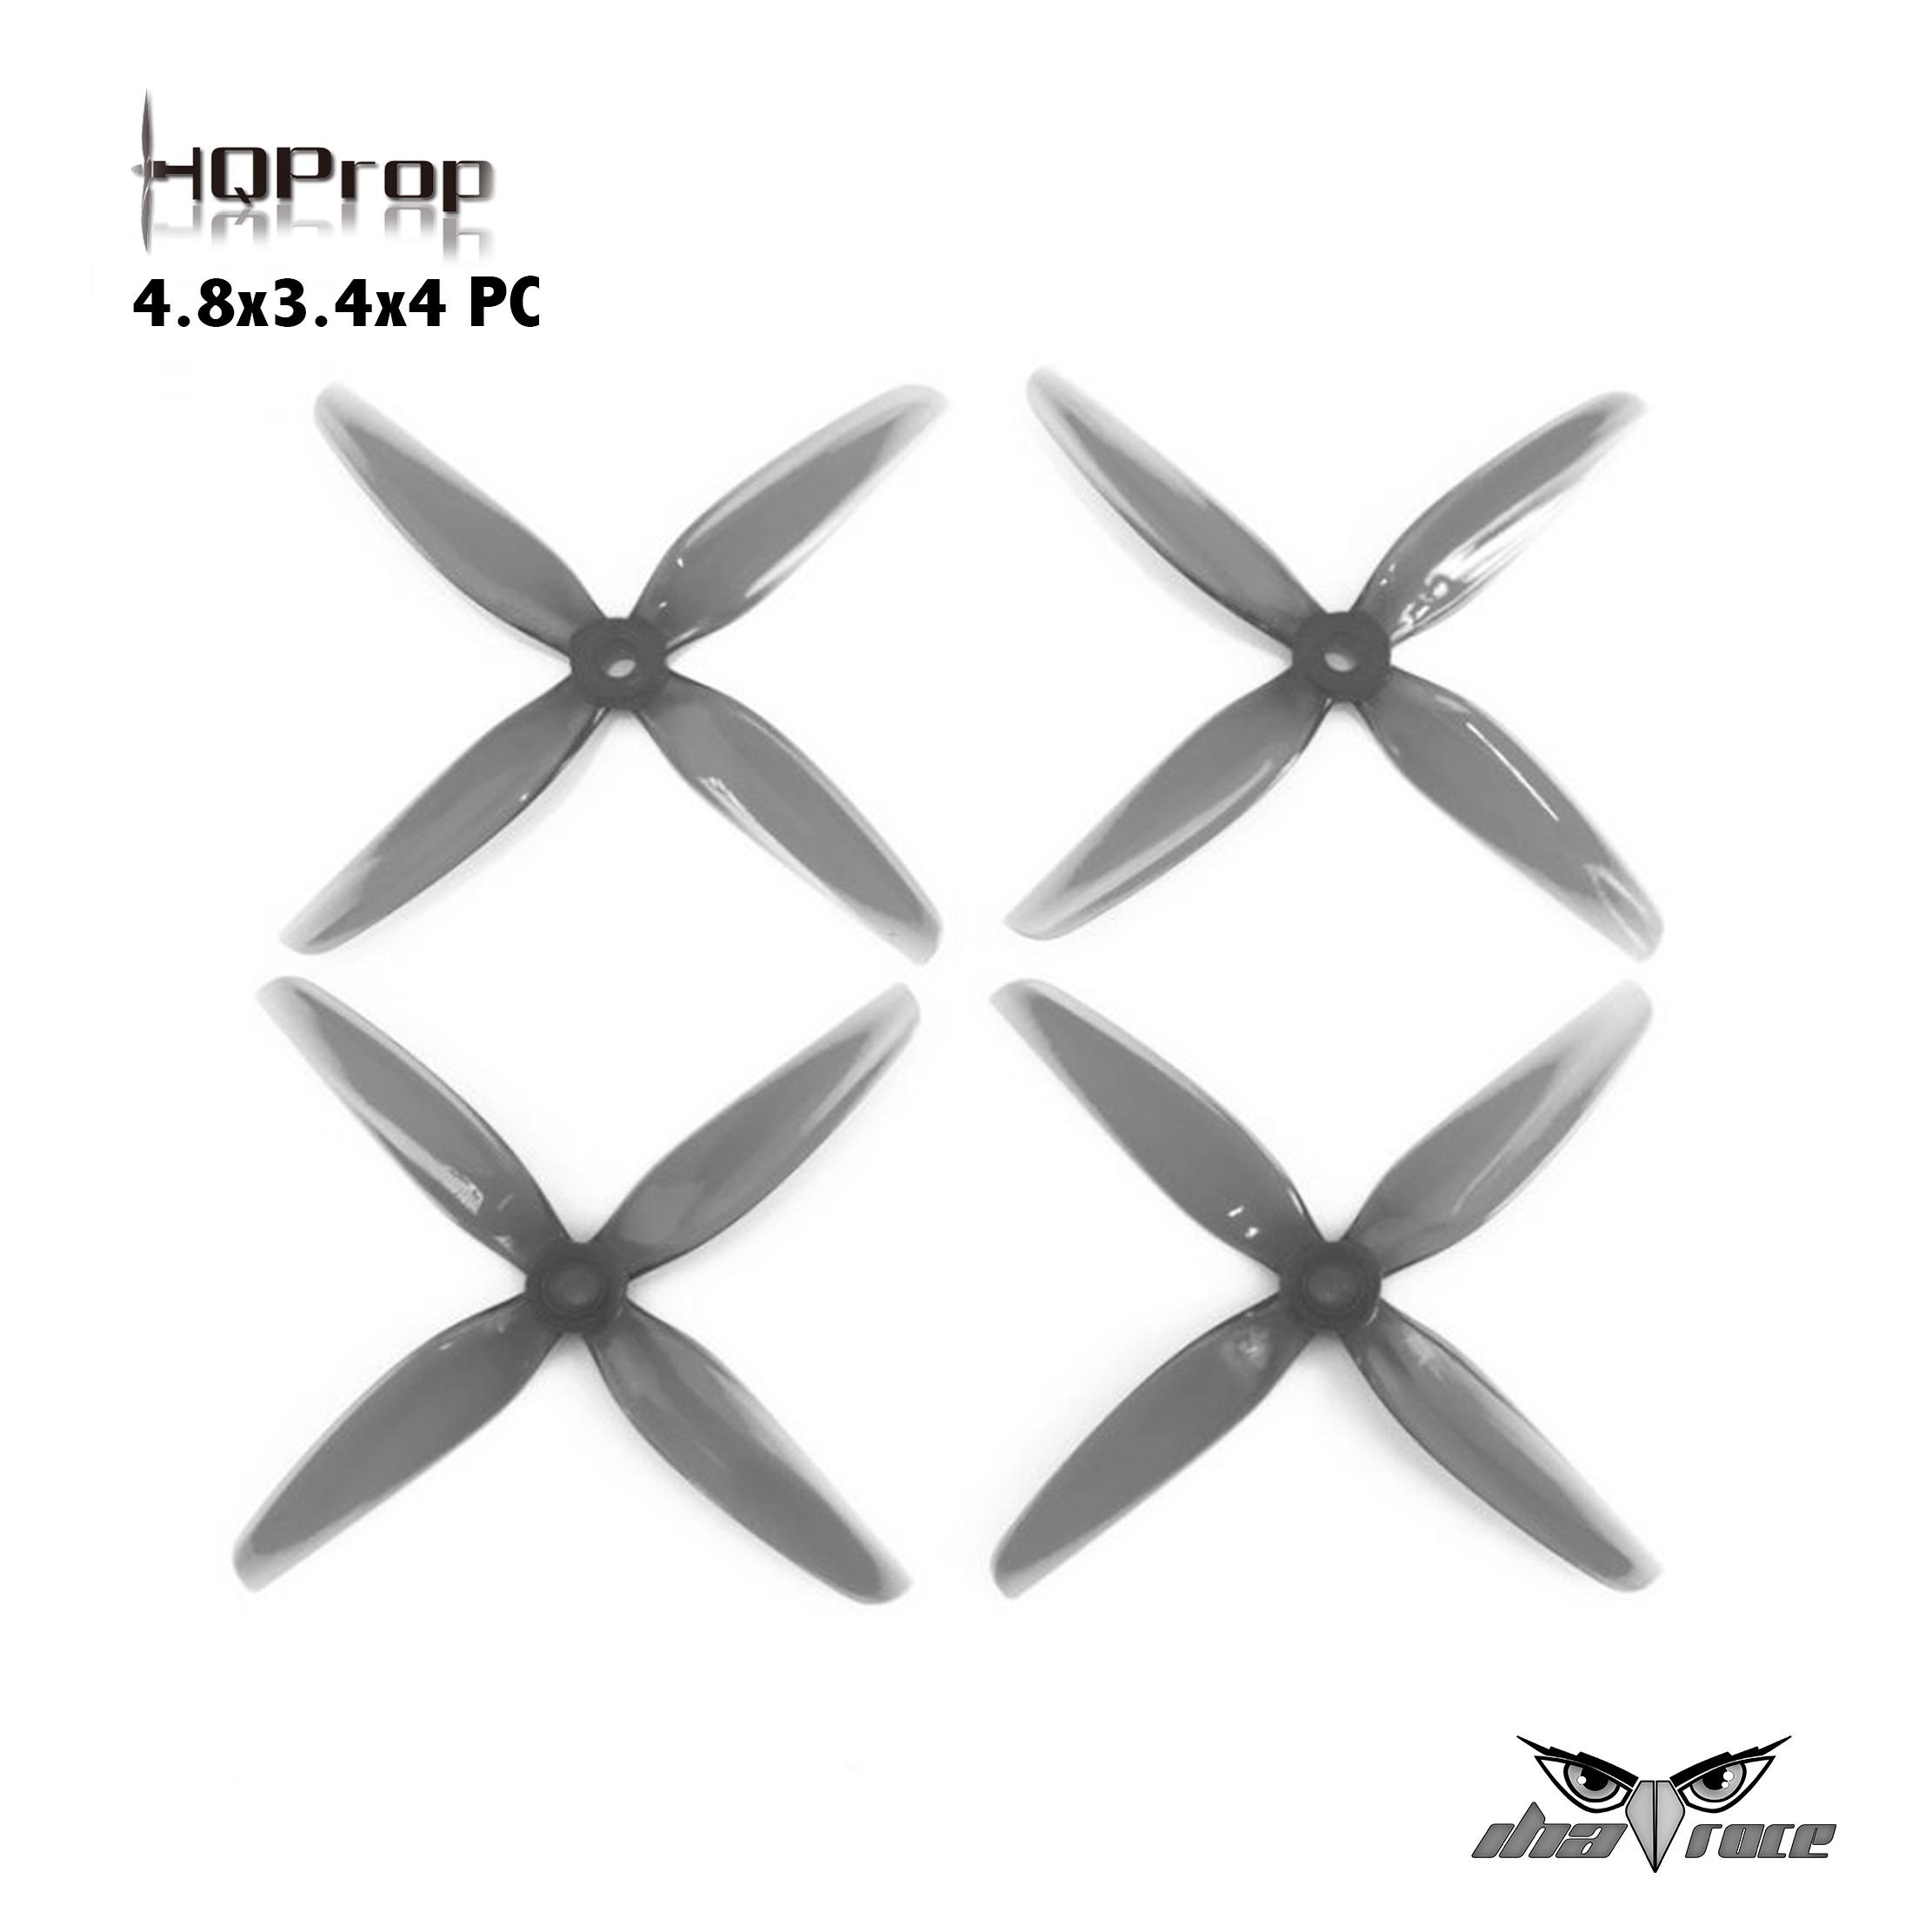 Hélice HQProp 4.8x3.4x4 PC (Gris)